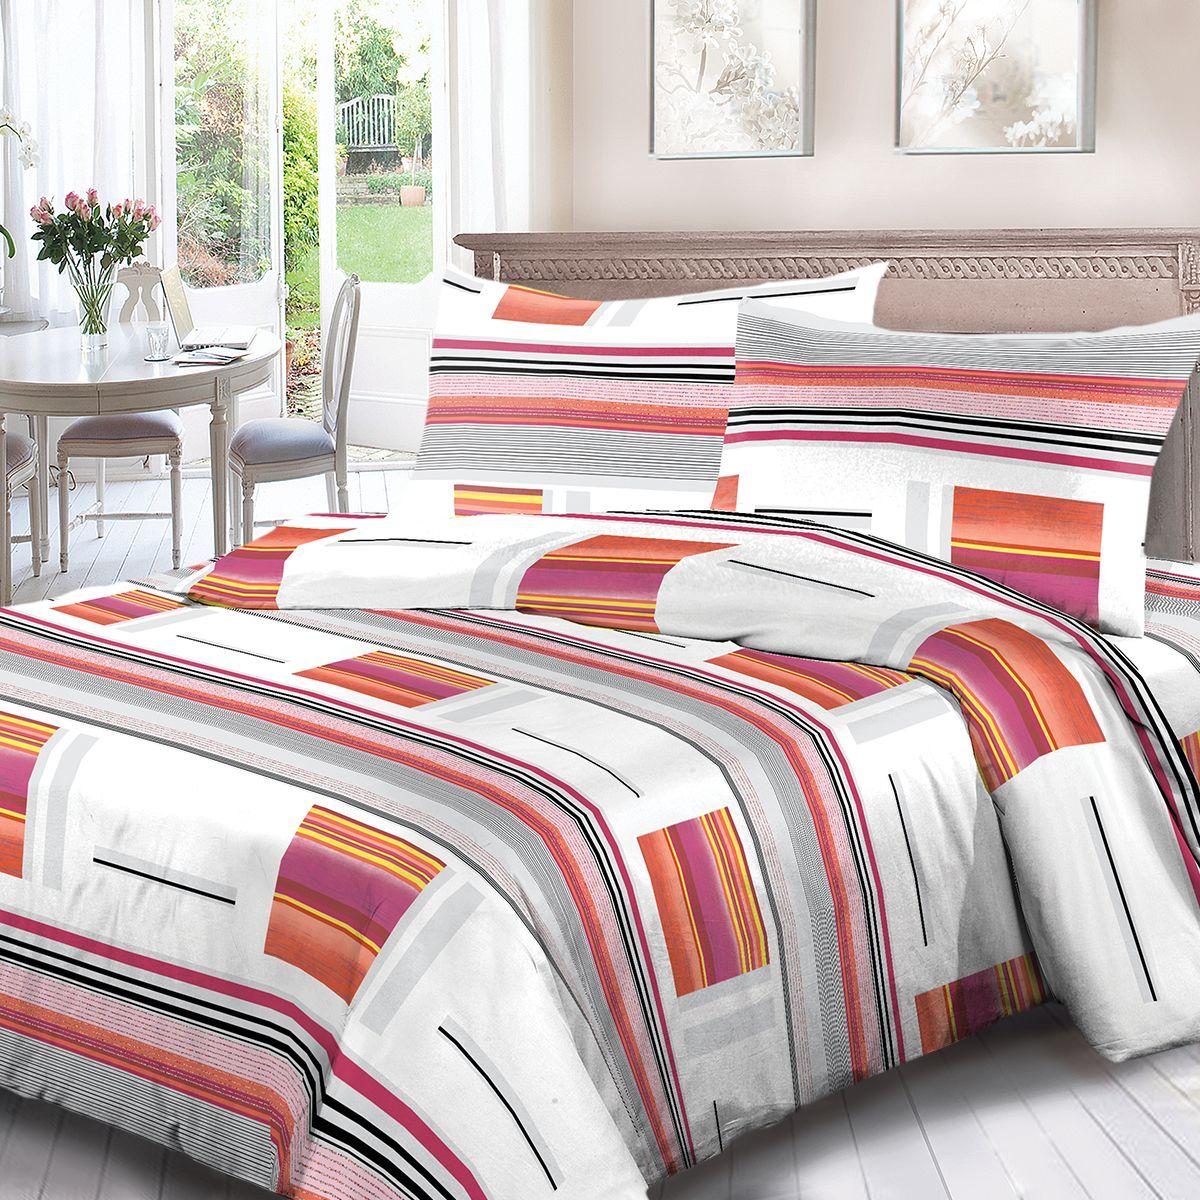 Комплект белья Для Снов Стокгольм, 1,5 спальное, наволочки 70x70, цвет: красный. 1902-181962